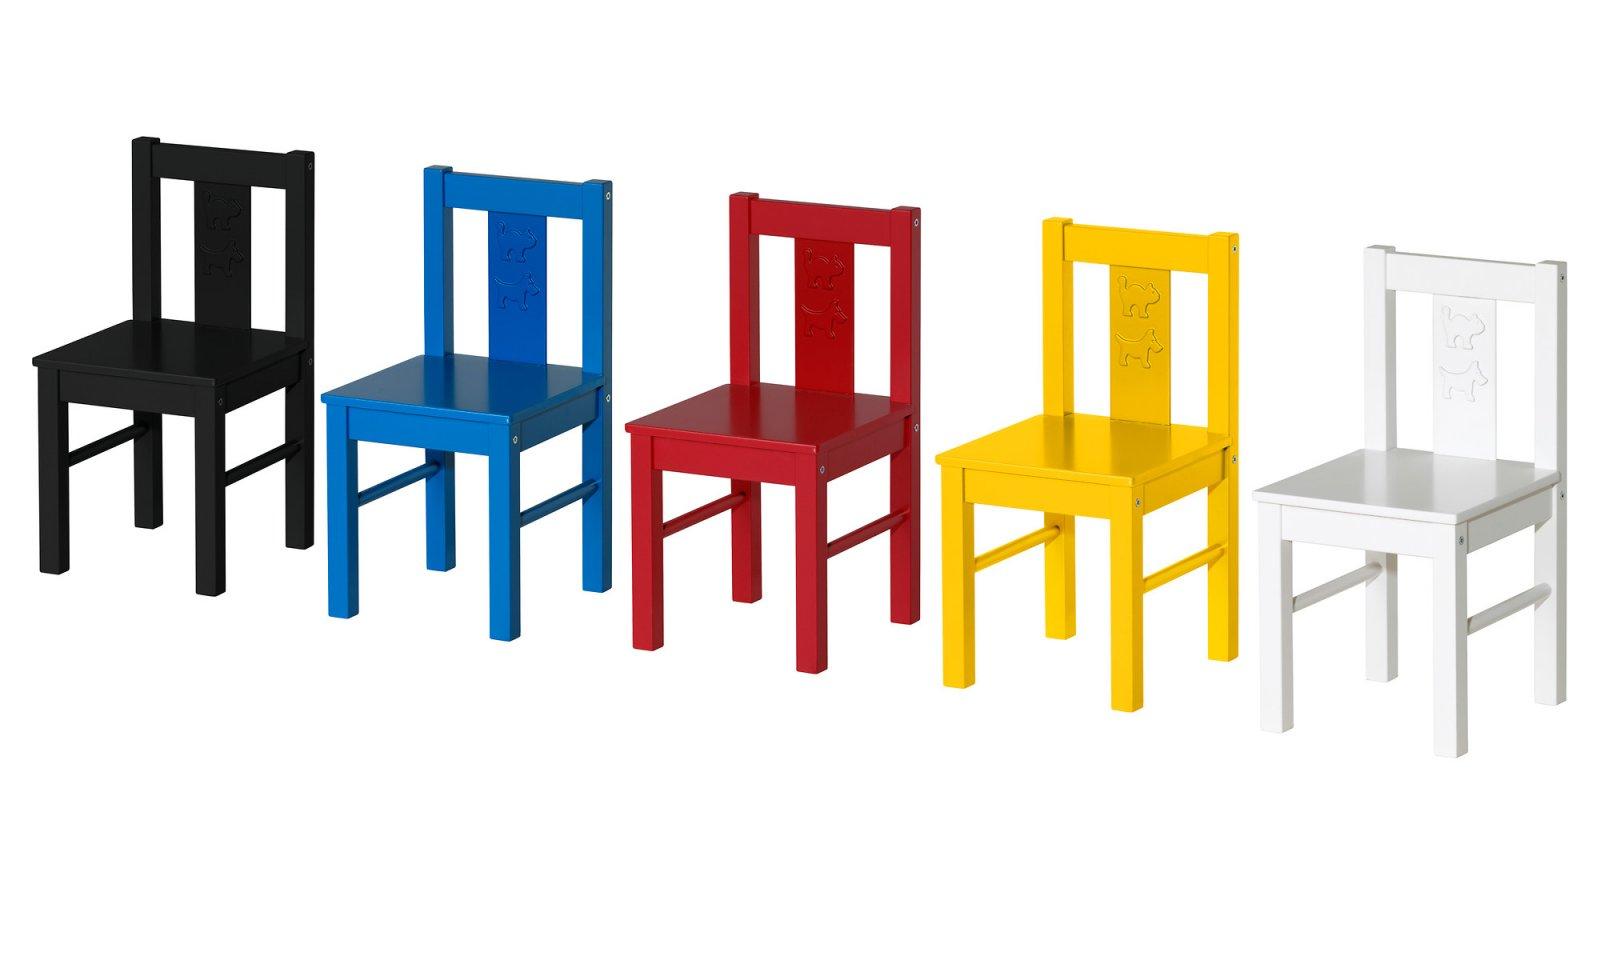 Ikea Conjunto De Mesa Y Sillas.Mobiliario Para Ninos Kritter De Ikea Decoracion Del Hogar